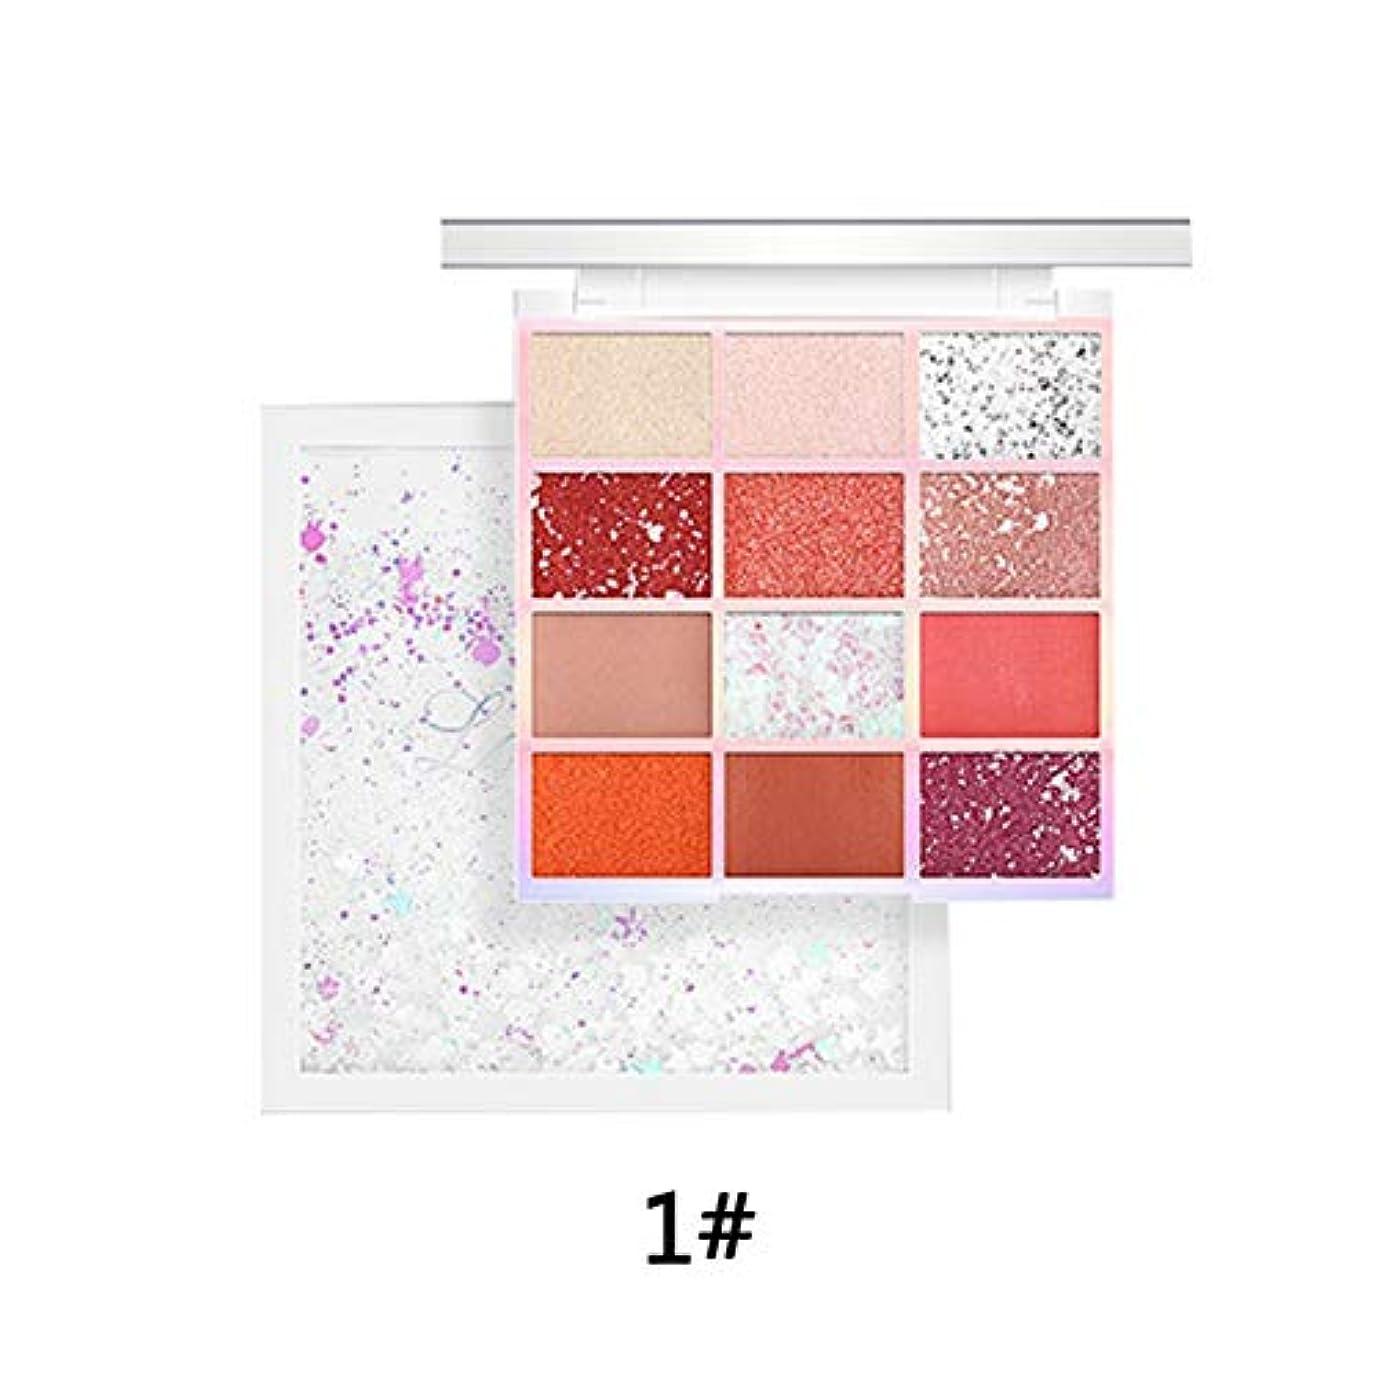 ドリル対話老朽化した12色 璀璨 星 流砂 アイシャドウ アイシャドウパレット マット スパンコール ラスティング キラキラ 美容 アイ化粧品 Cutelove